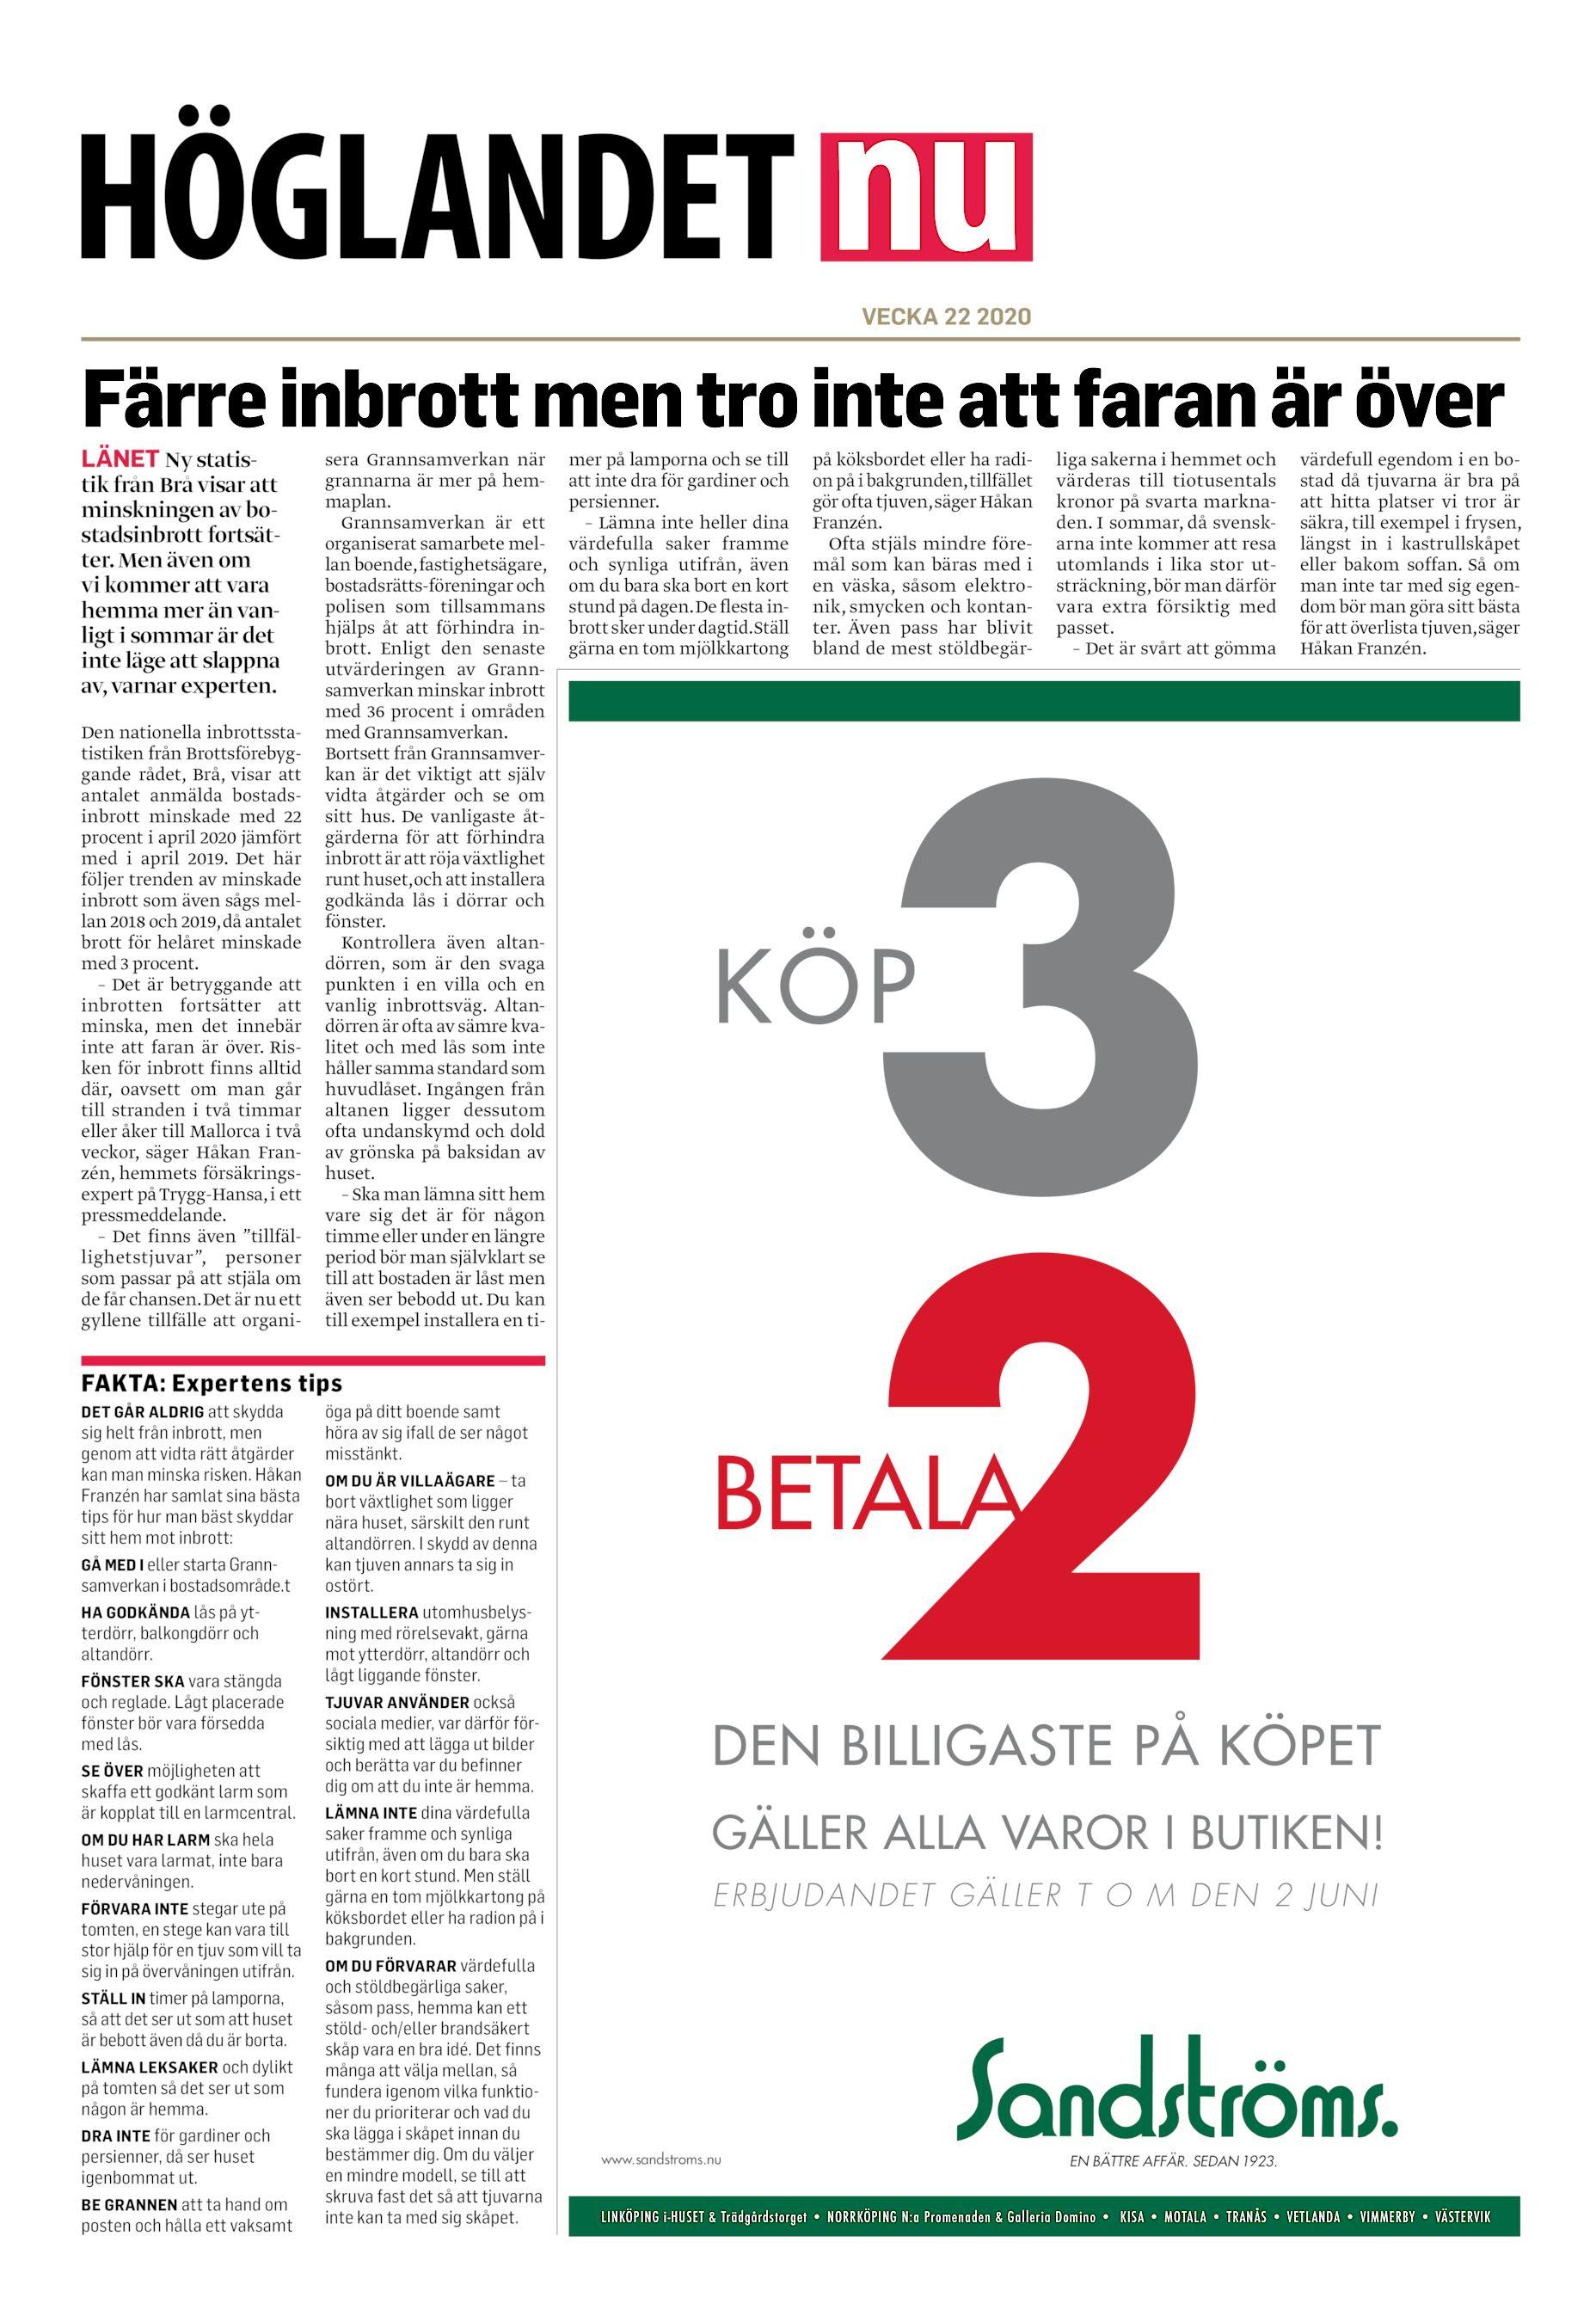 kyrkbladet - Svenska kyrkan